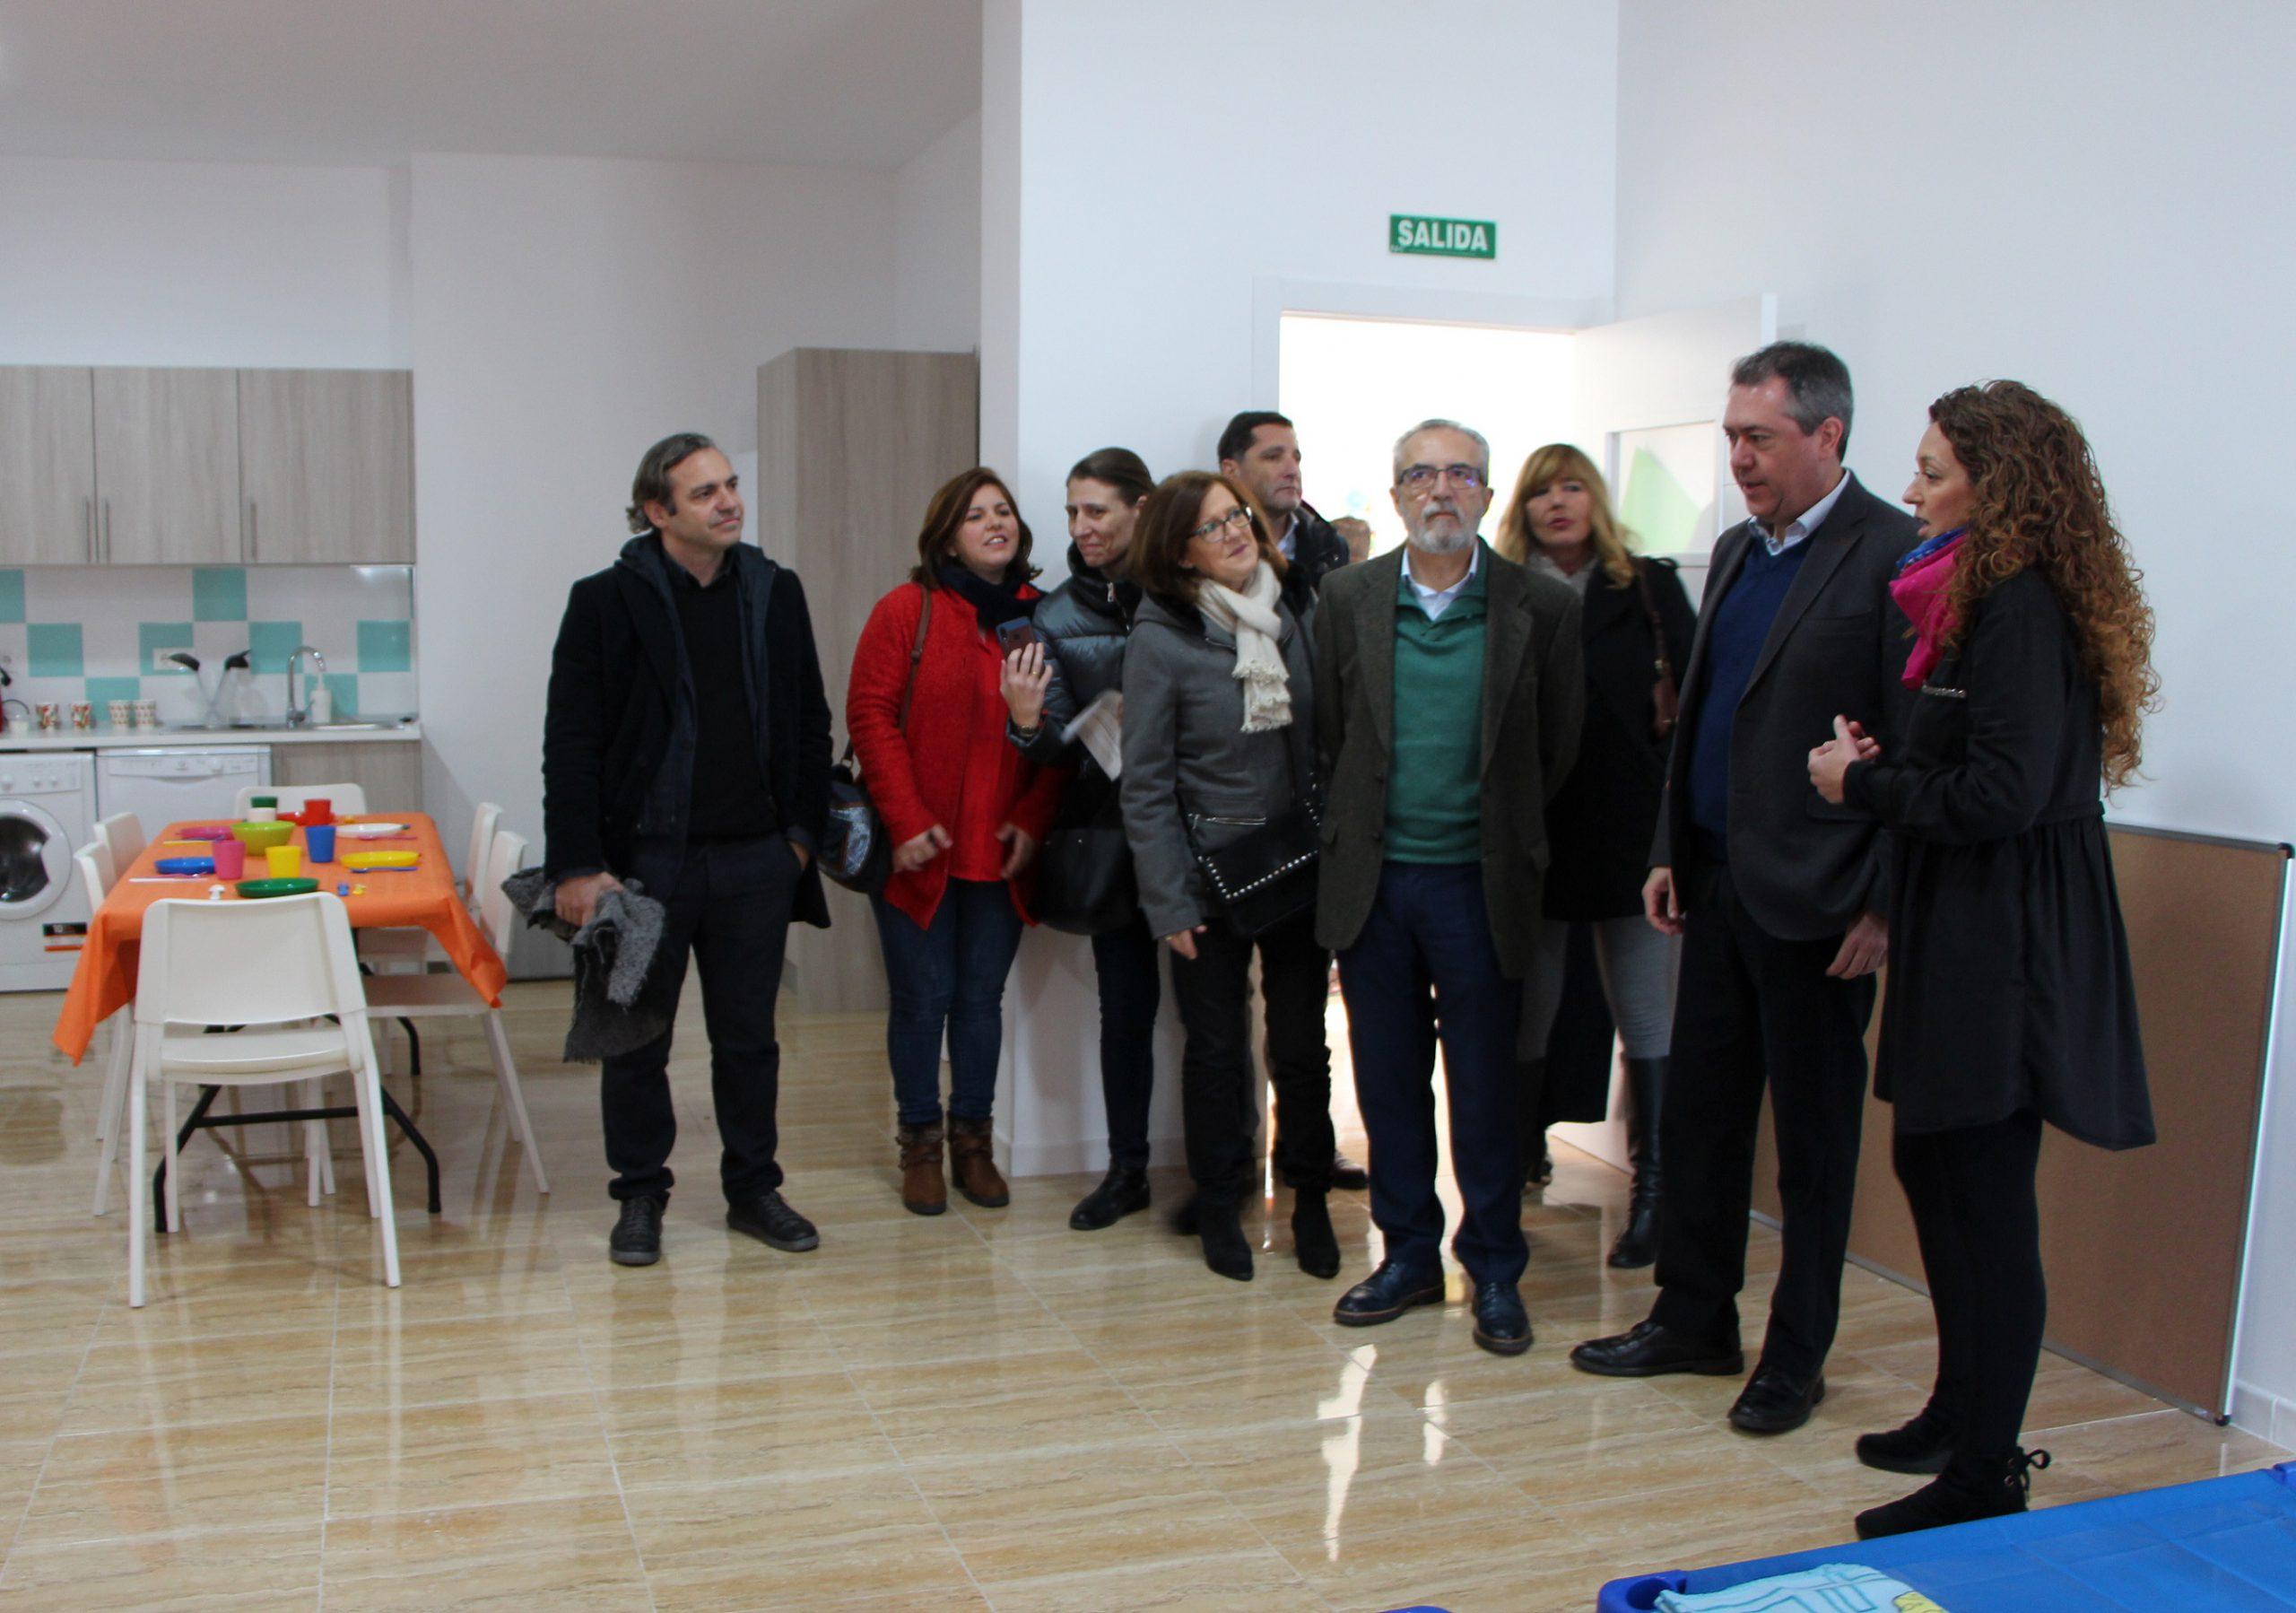 El Ayuntamiento de Sevilla pone en marcha dos nuevos centros de día para menores en Torreblanca y Tres Barrios-Amate con la colaboración de Emvisesa